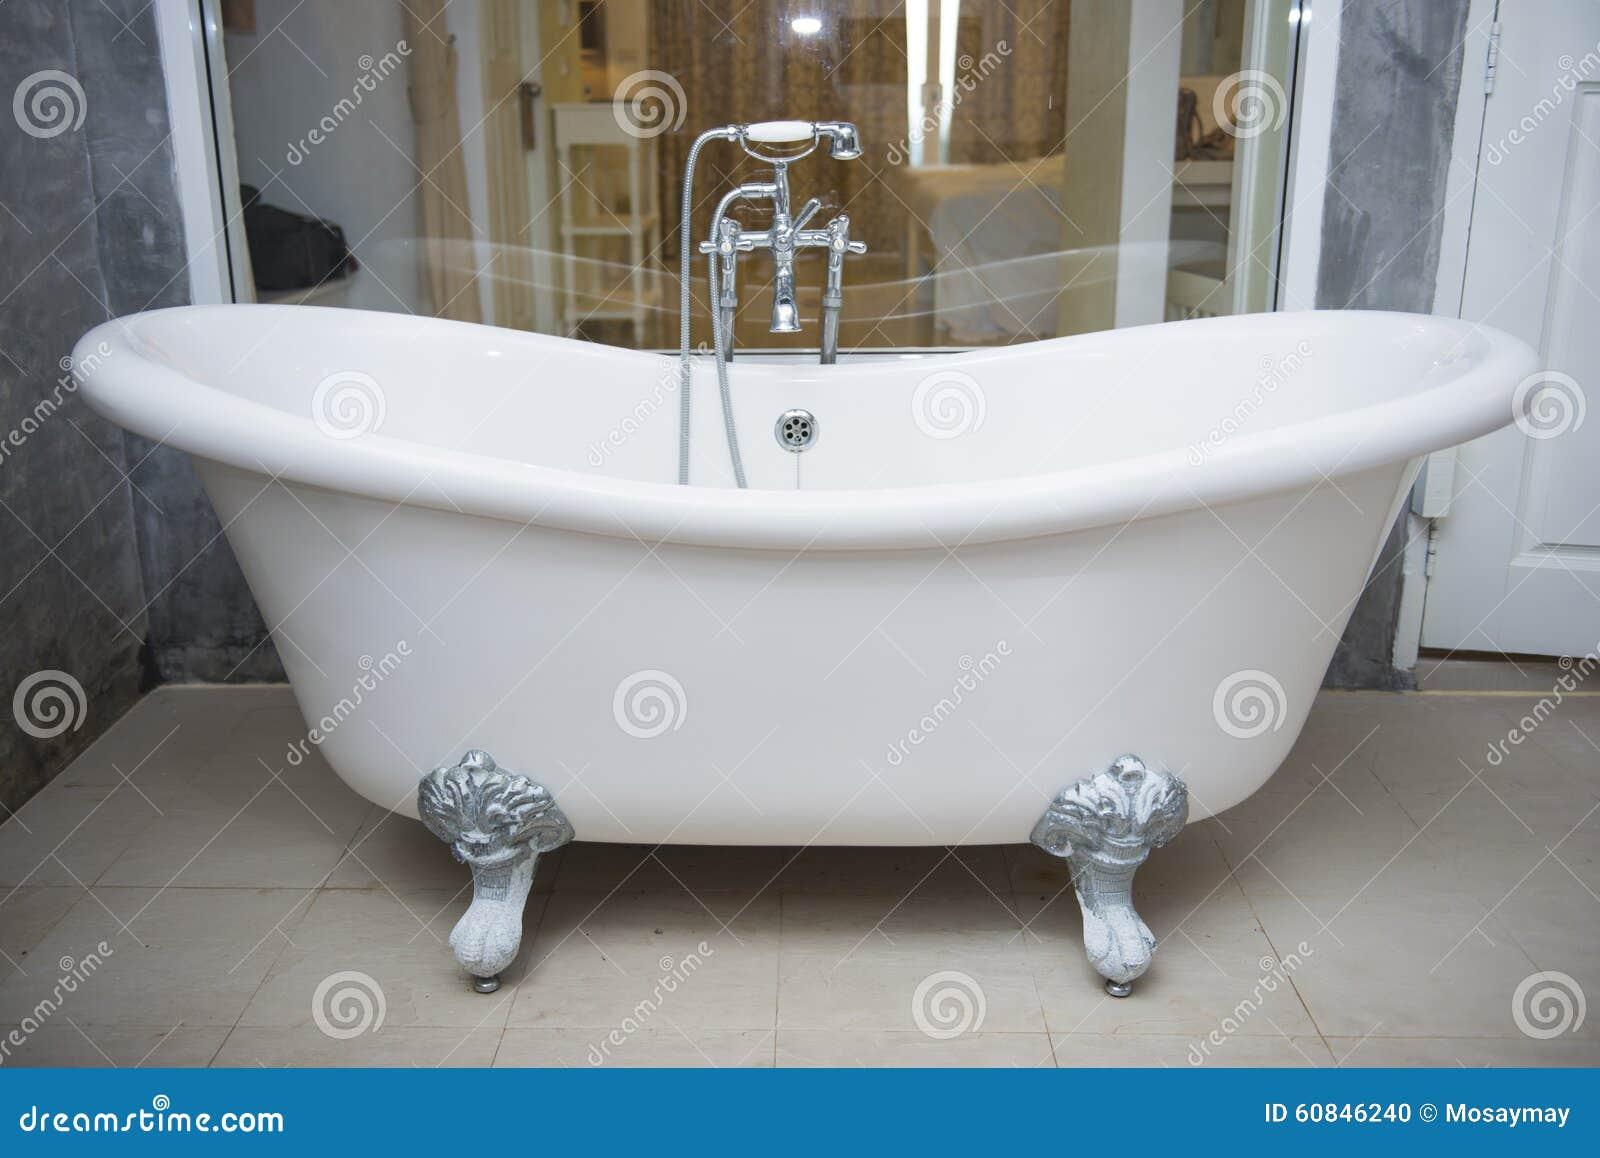 Ba era del vintage con el grifo y ducha en cuarto de ba o - Cuarto de bano con banera y ducha ...